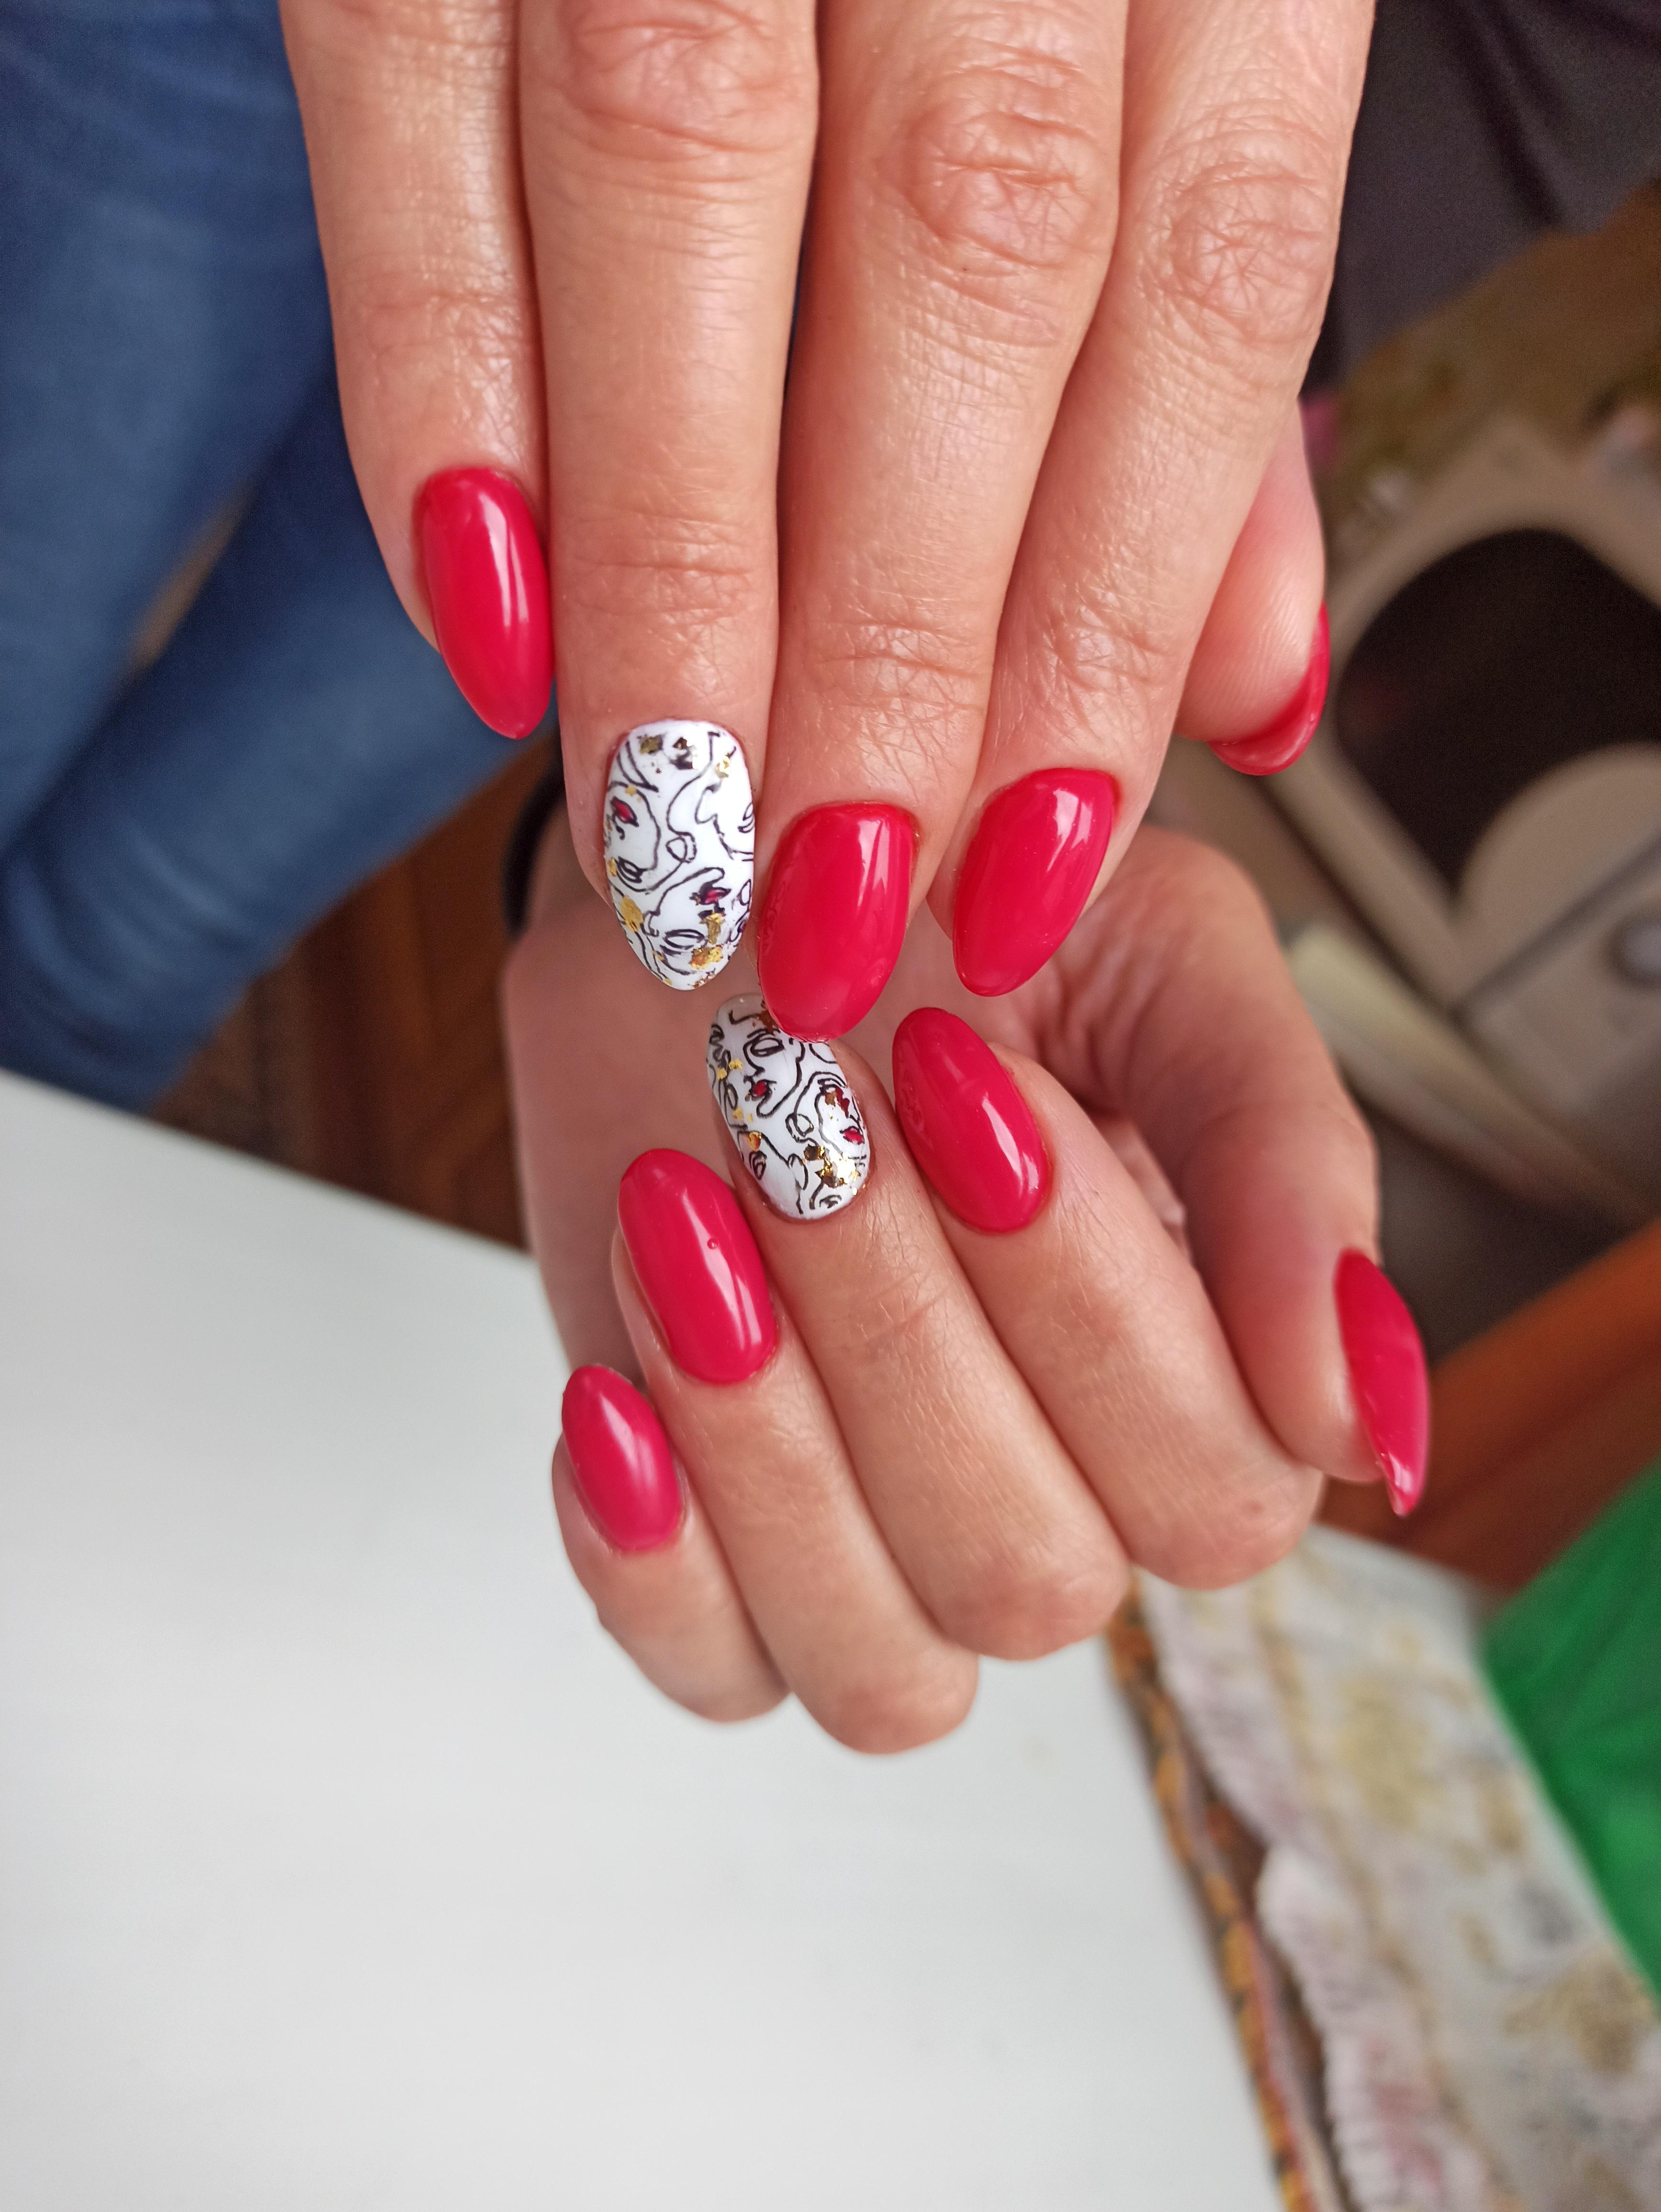 Марикюр с абстрактным слайдером в красном цвете на длинные ногти.